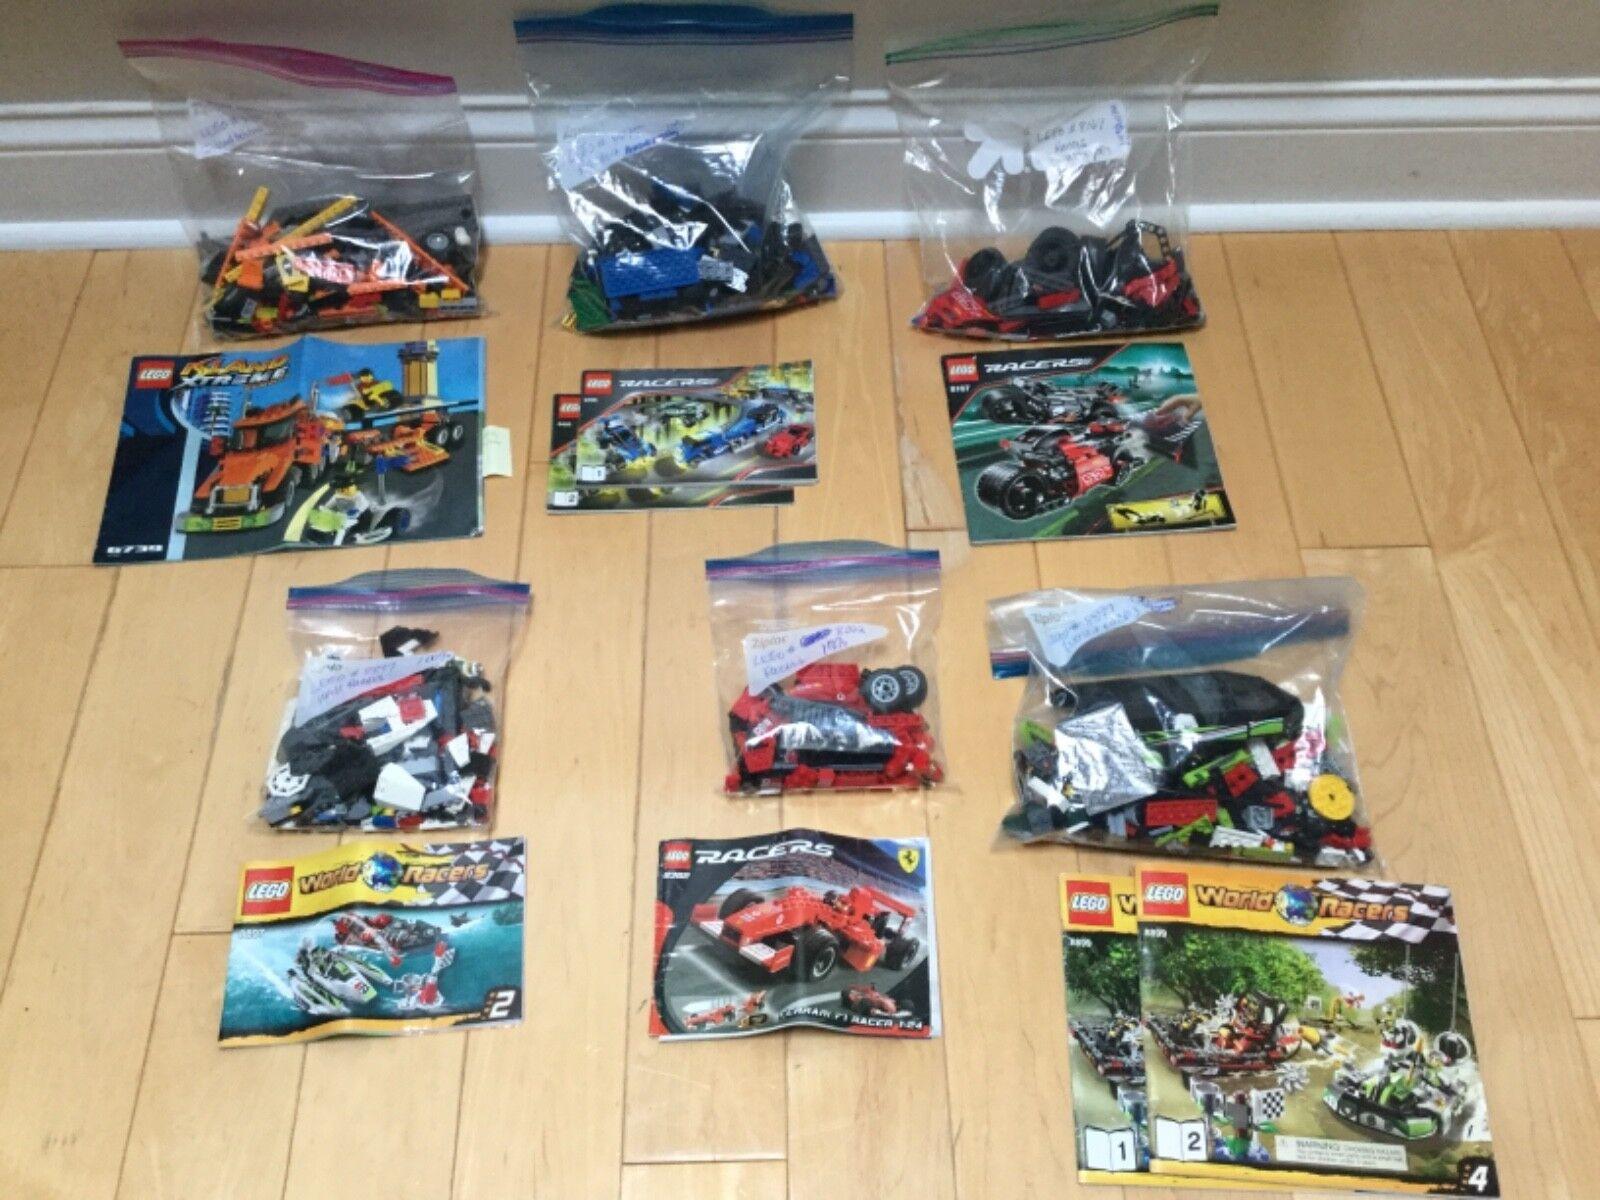 Lego Racers Ferrari 6739 8495 8167 8897 8362 8899 complete retirot